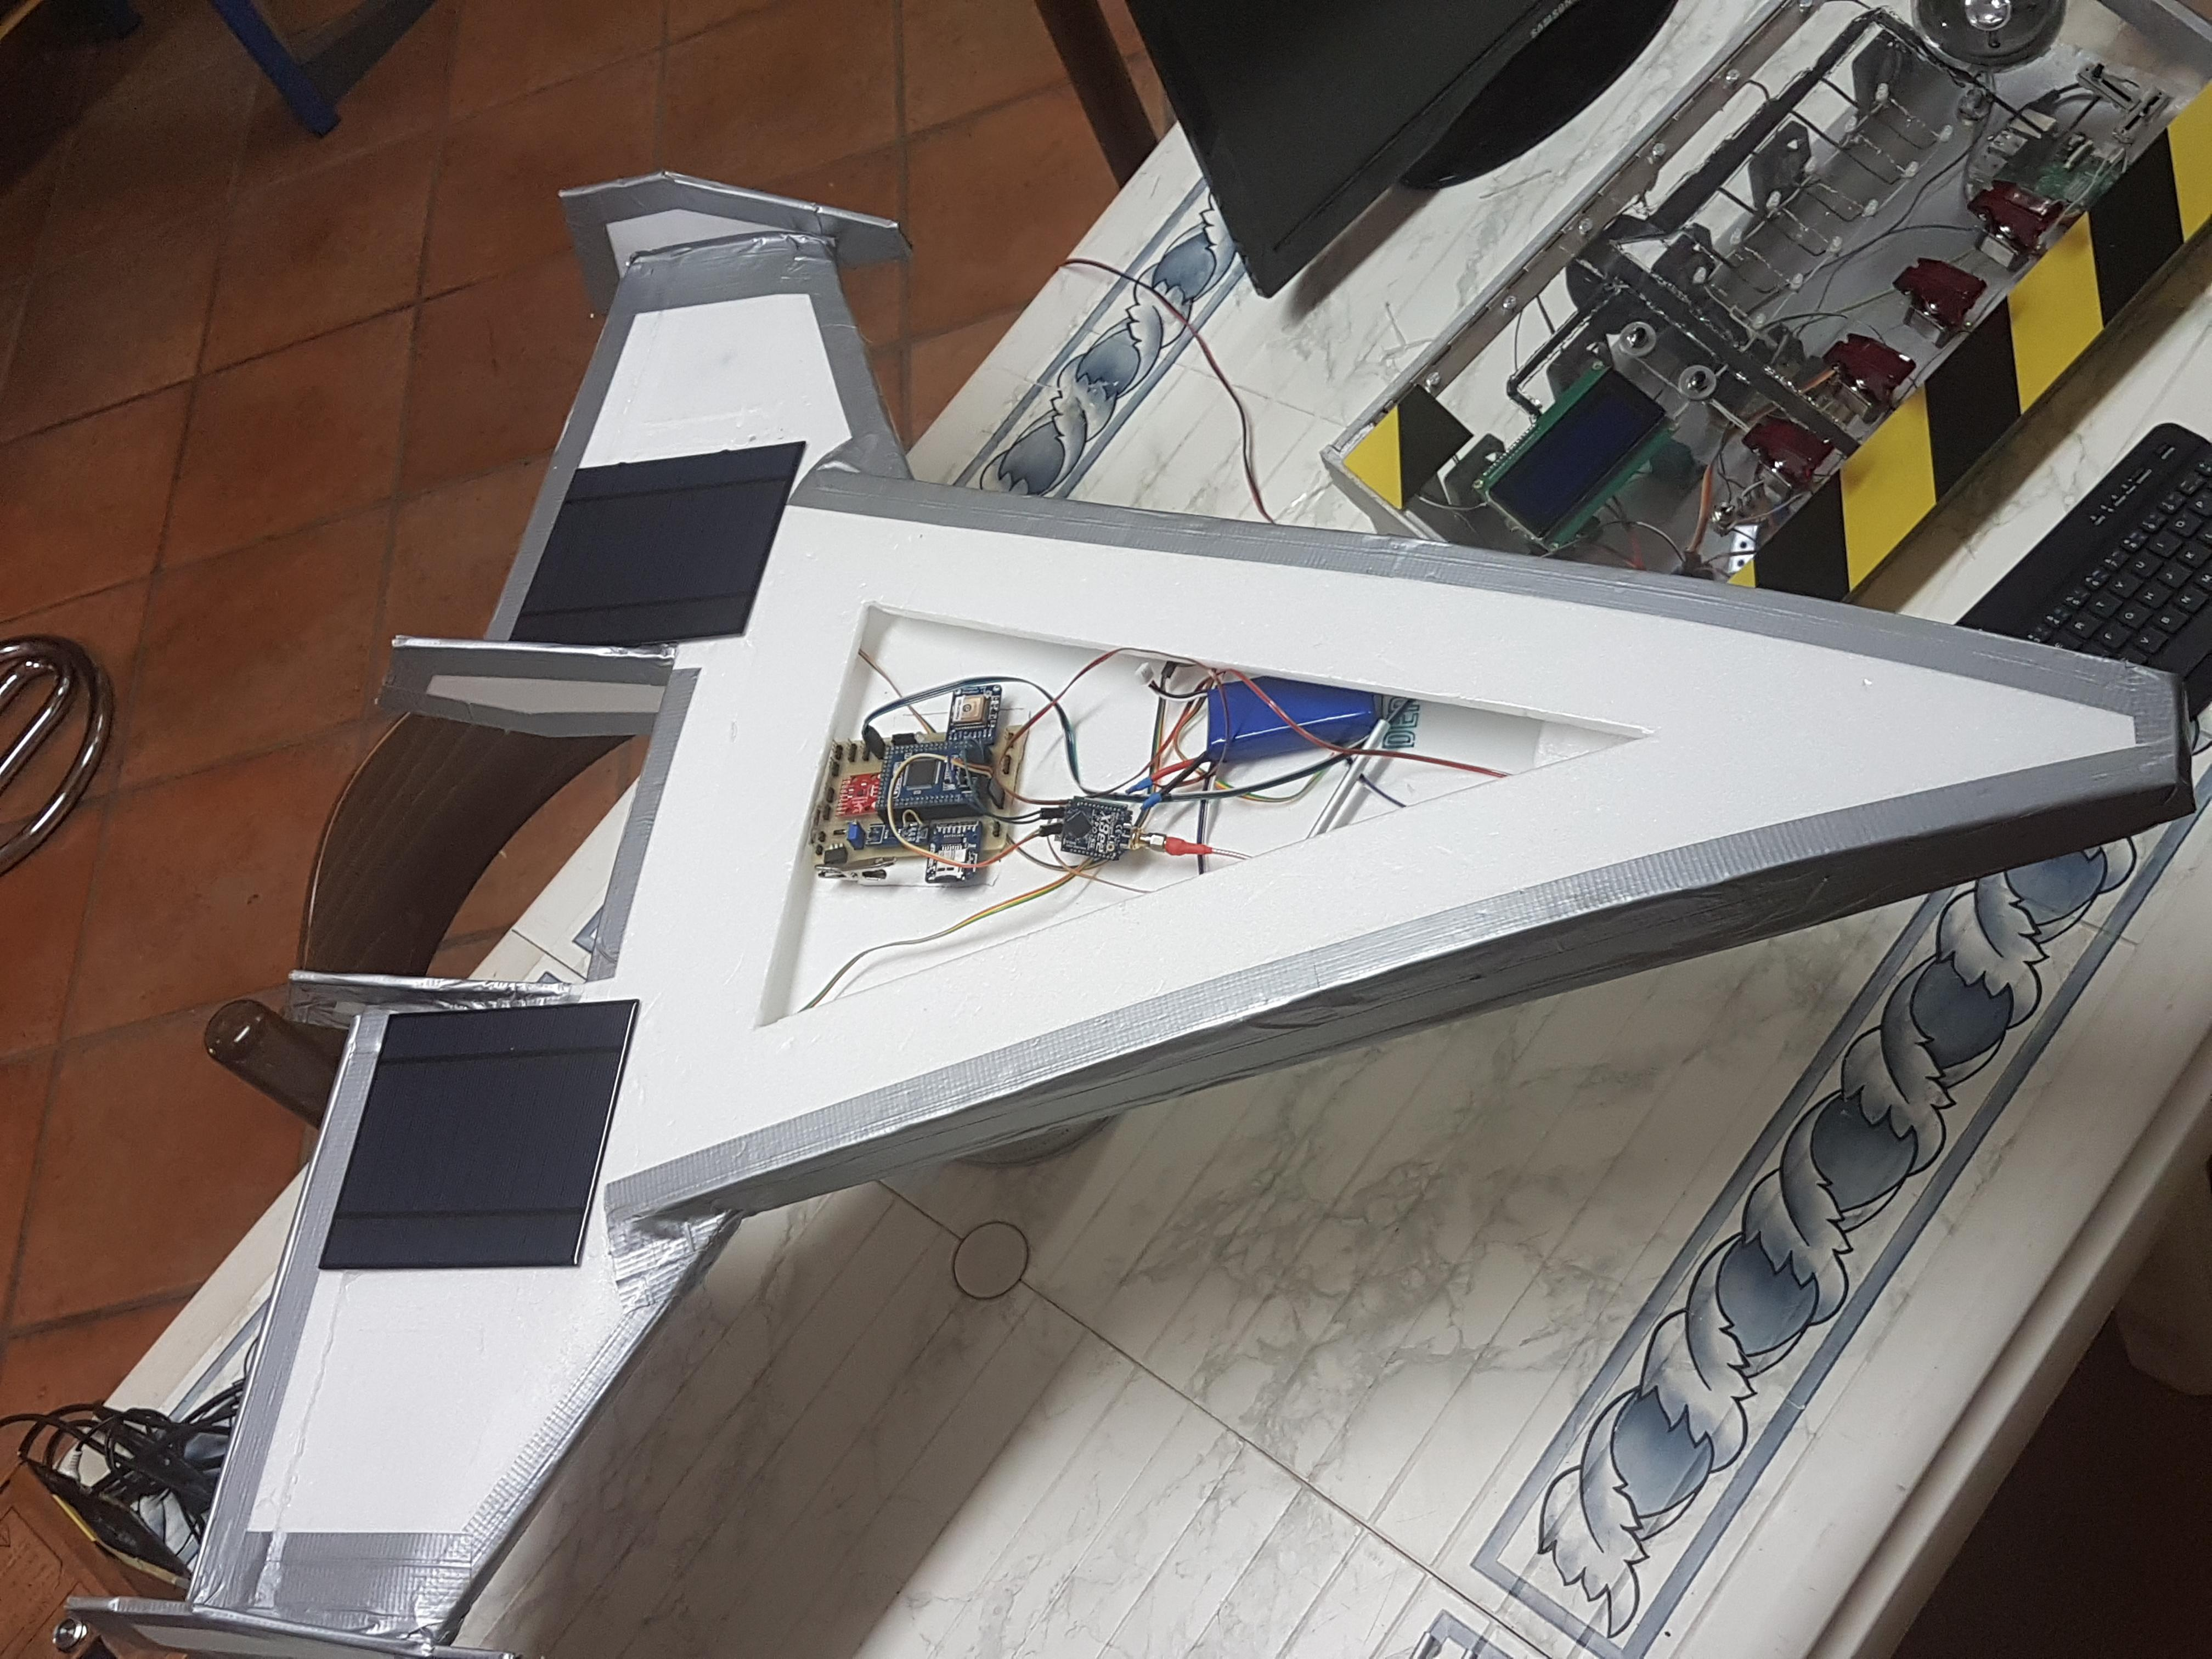 DeltaSat Project